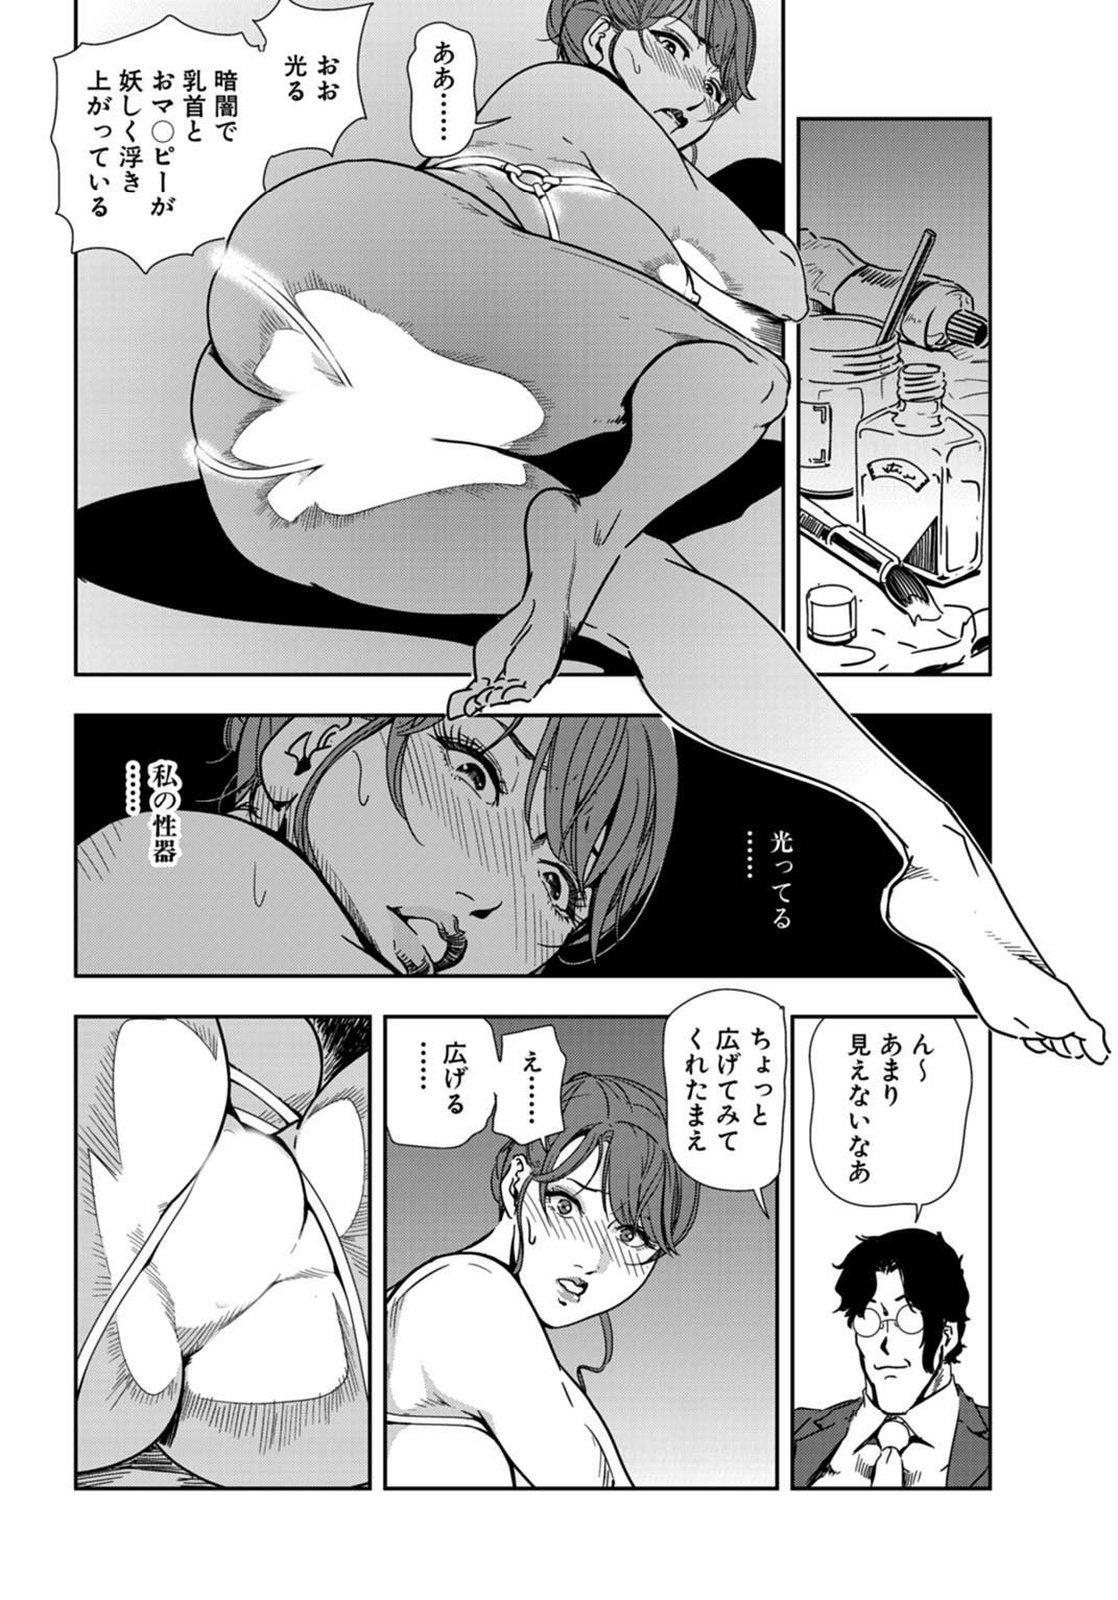 Nikuhisyo Yukiko 21 13